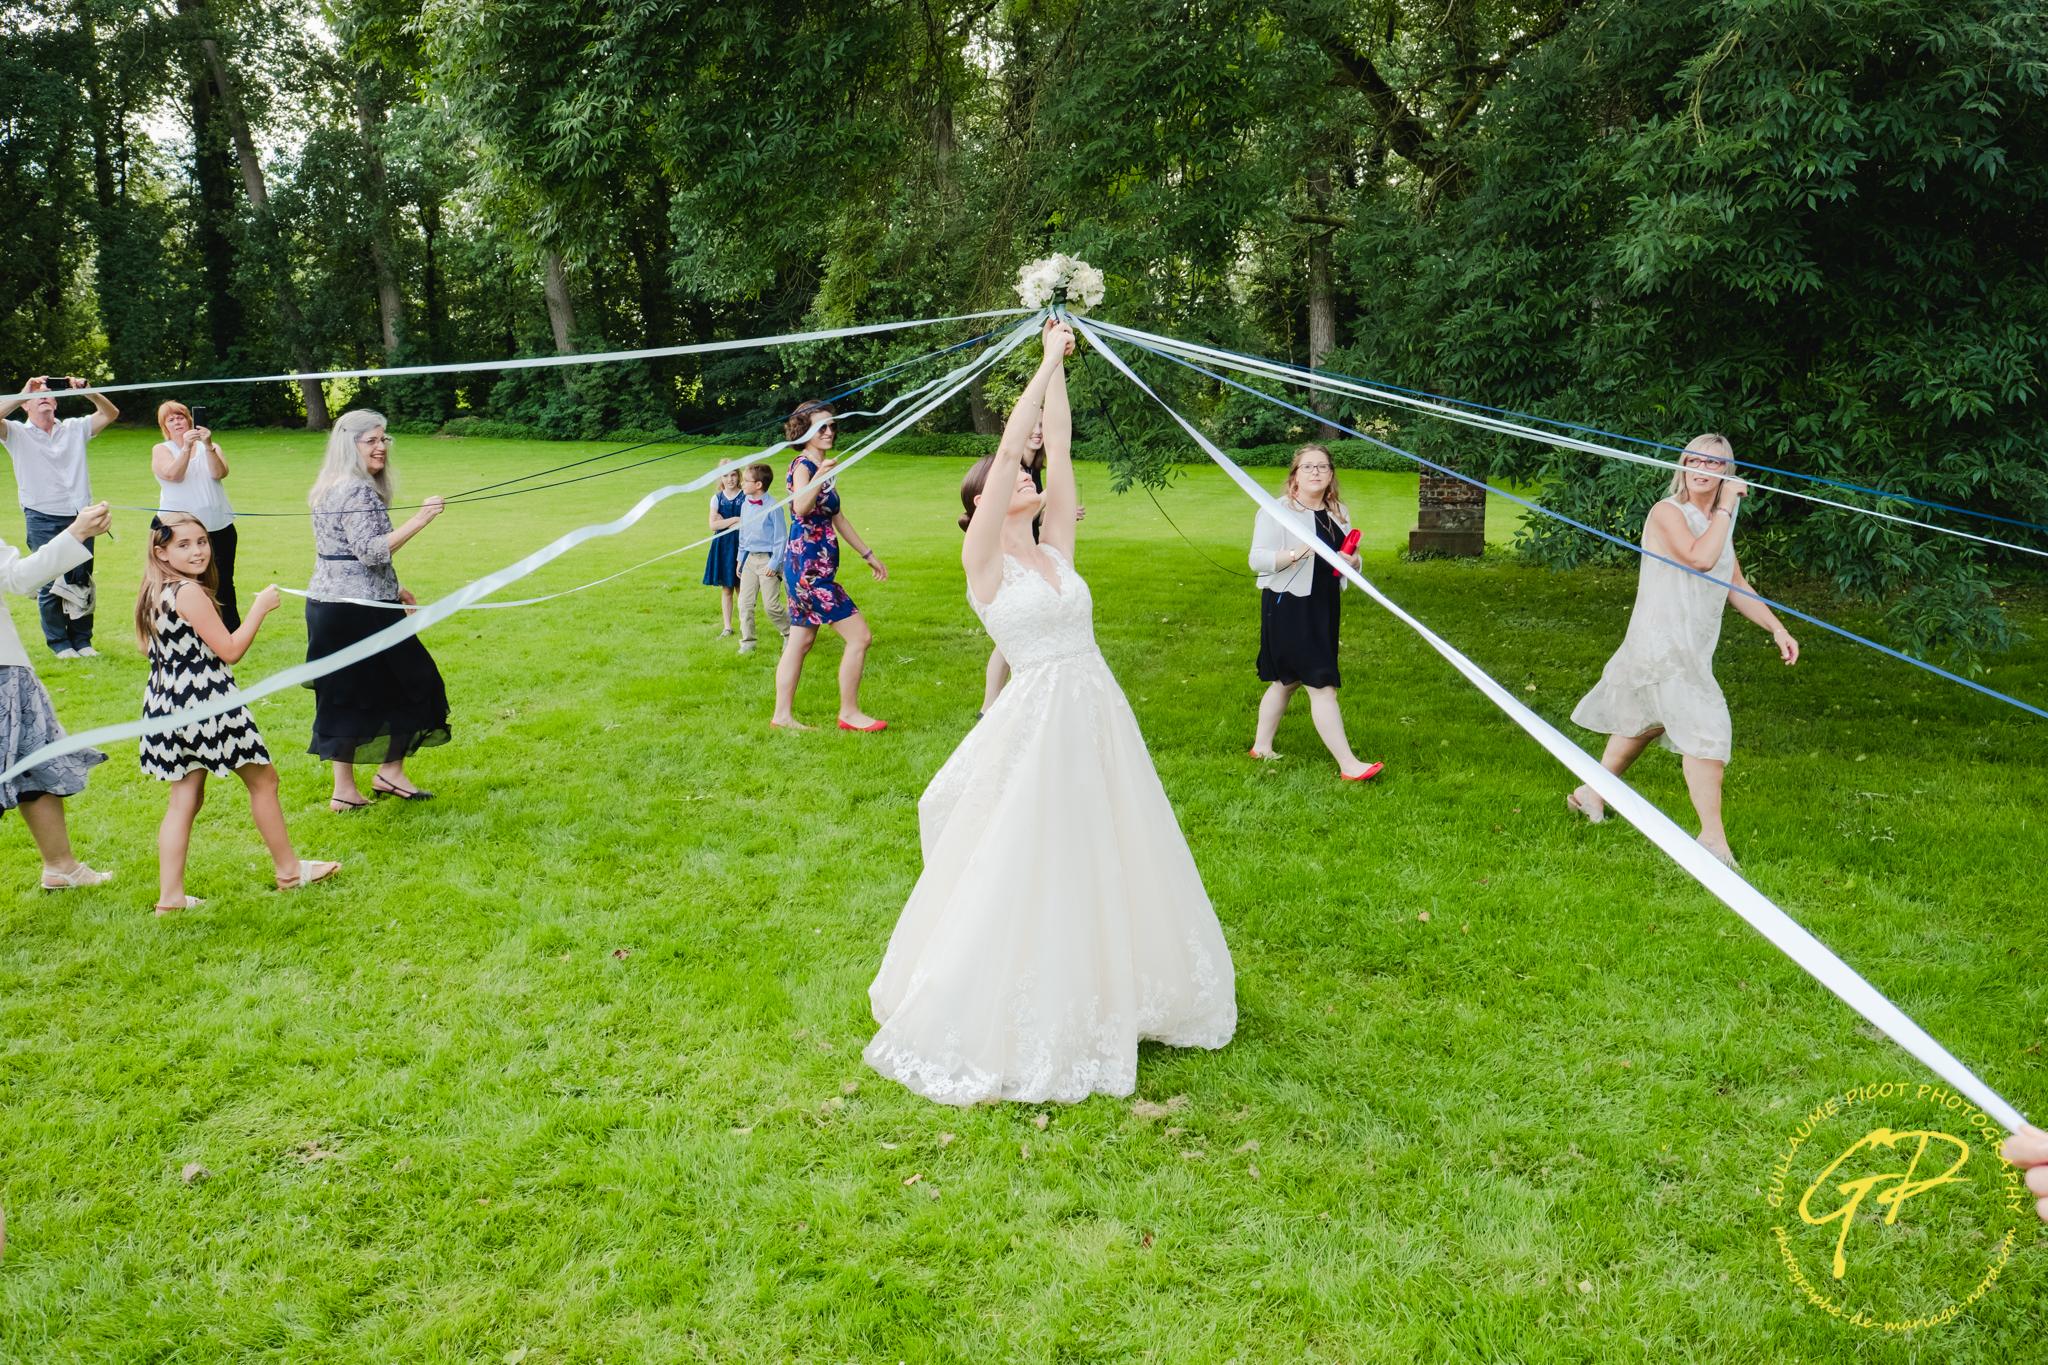 mariage chateau du biez pecq (62 sur 156)